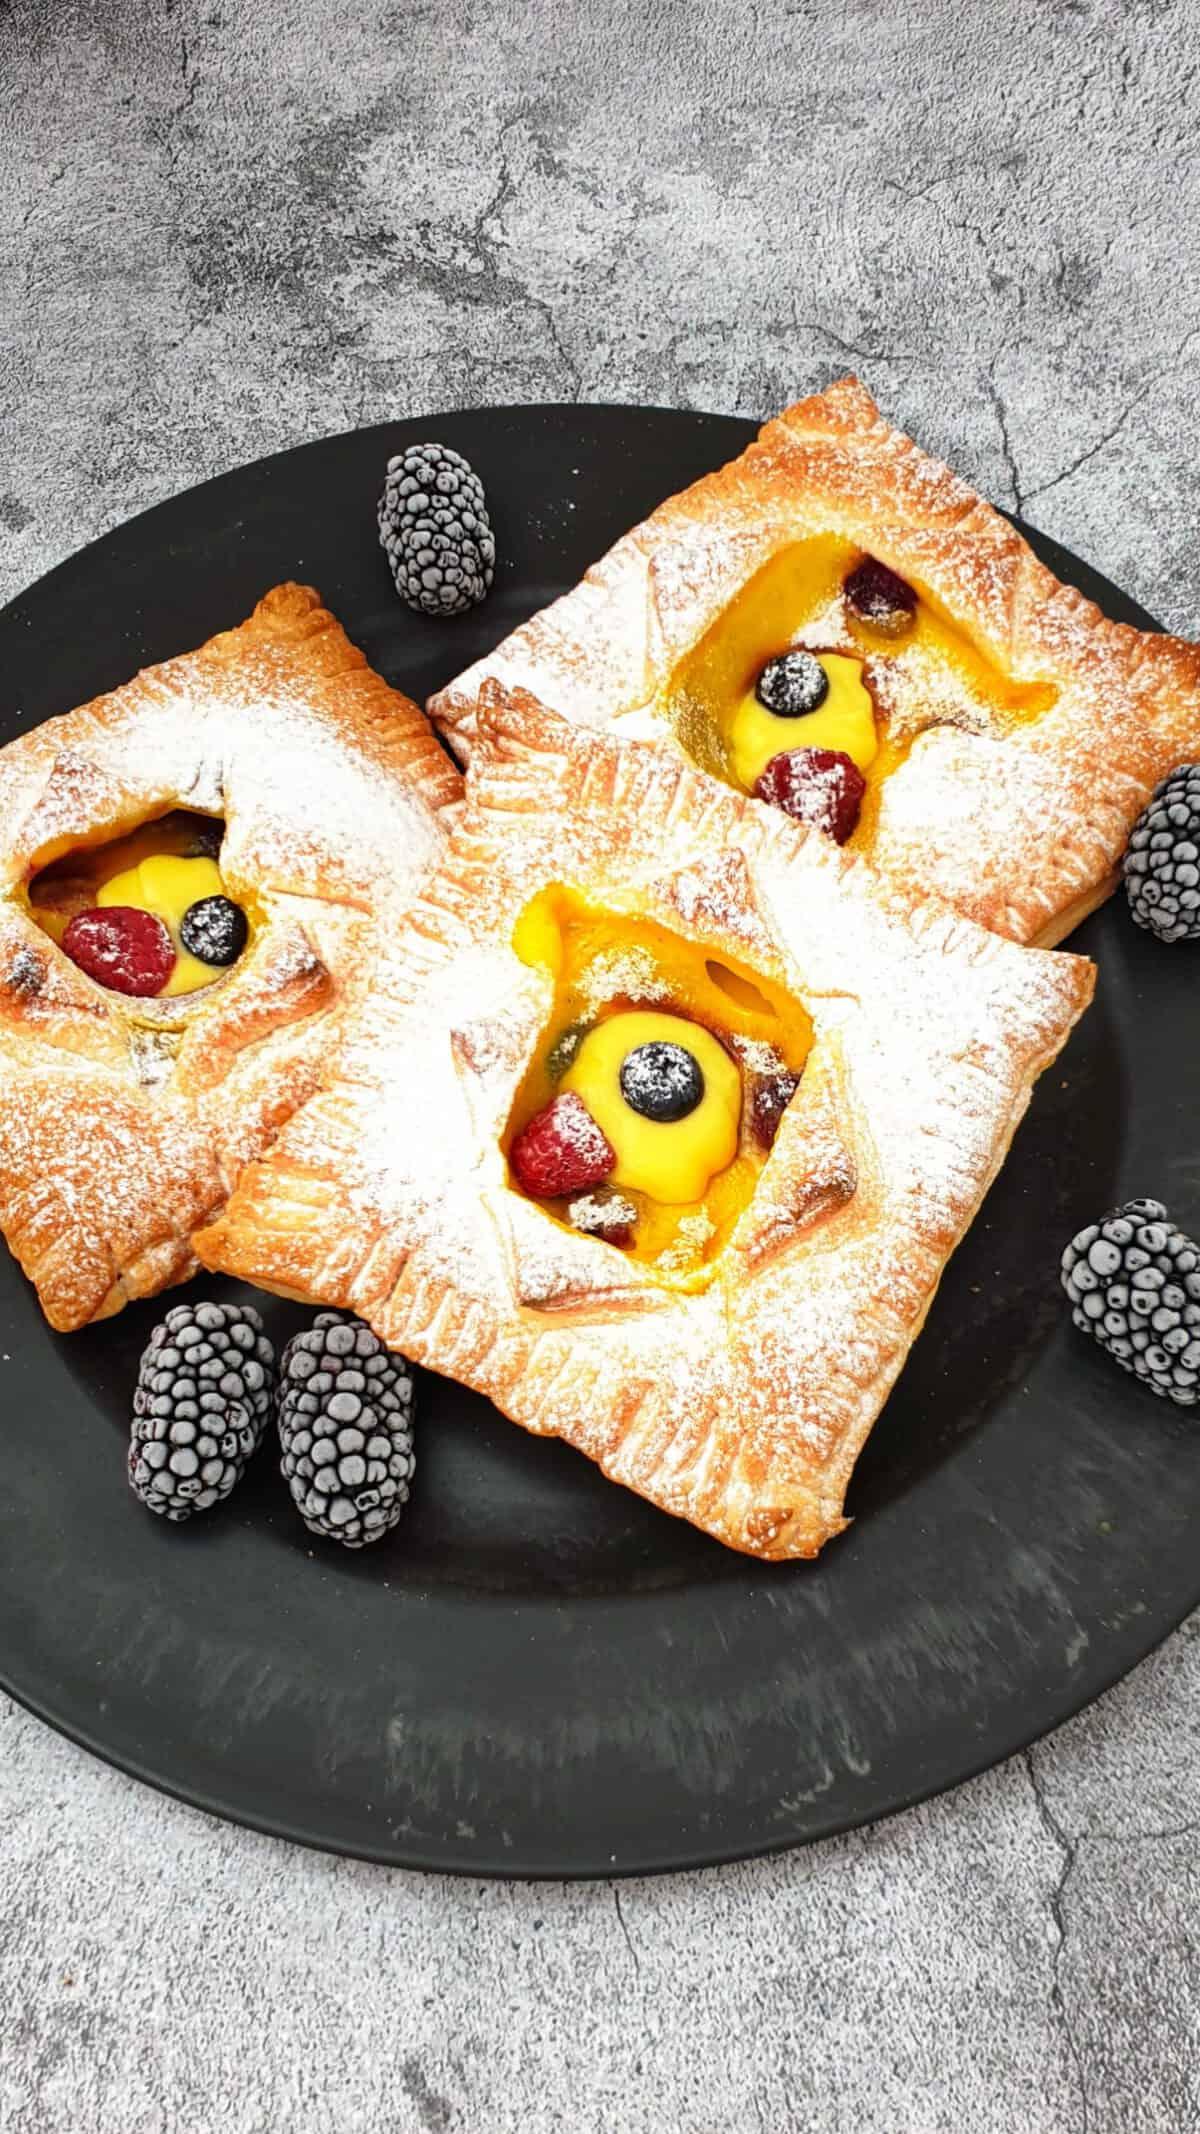 Auf einem dunklen großen Teller drei Blätterteig Teilchen mit Pudding und Beeren gefüllt.